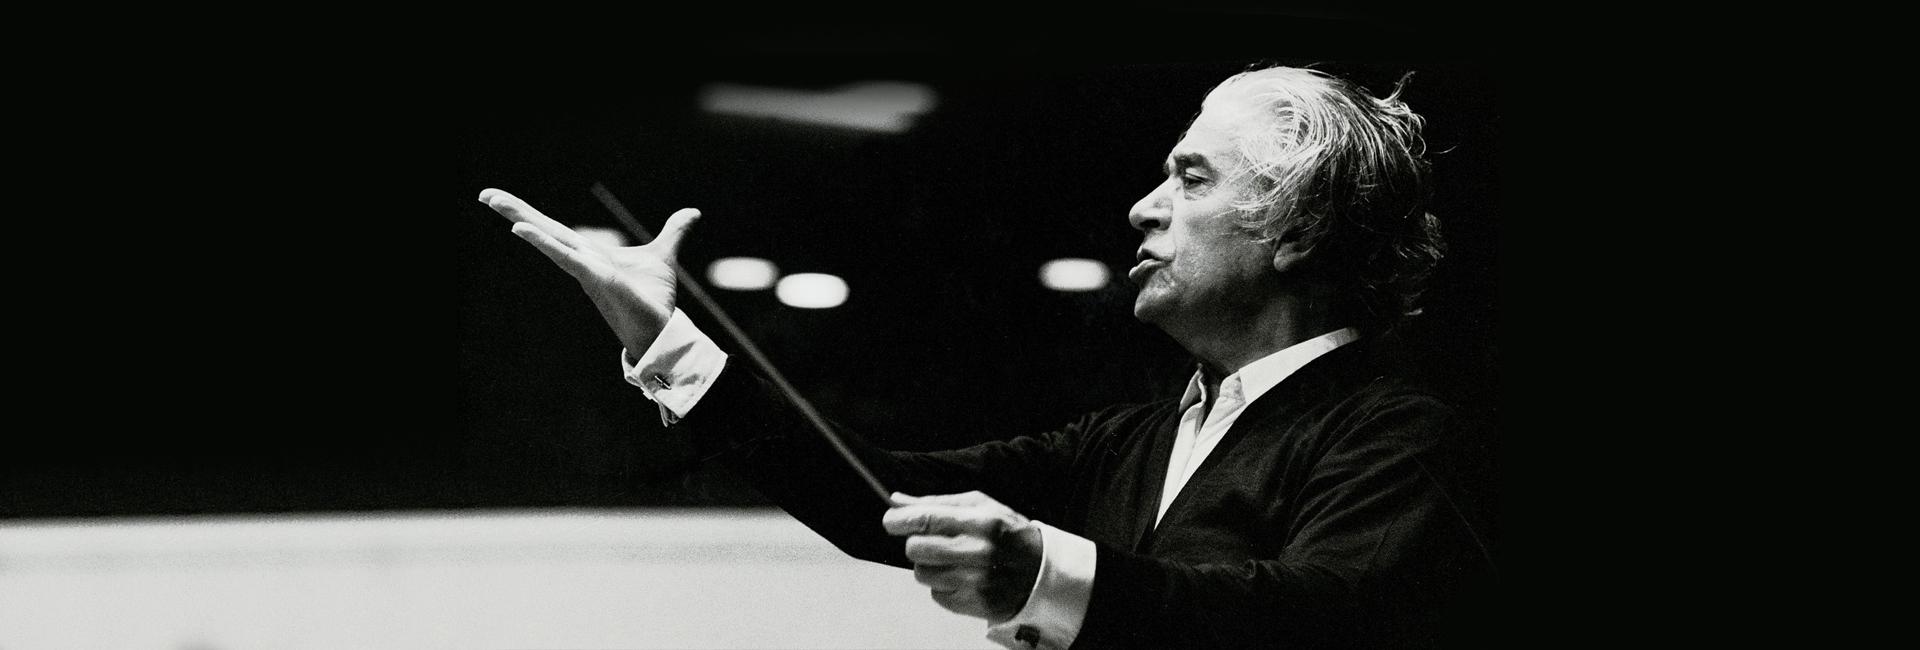 Românul Sergiu Celibidache este considerat unul dintre cei mai mari dirijori ai secolului XX